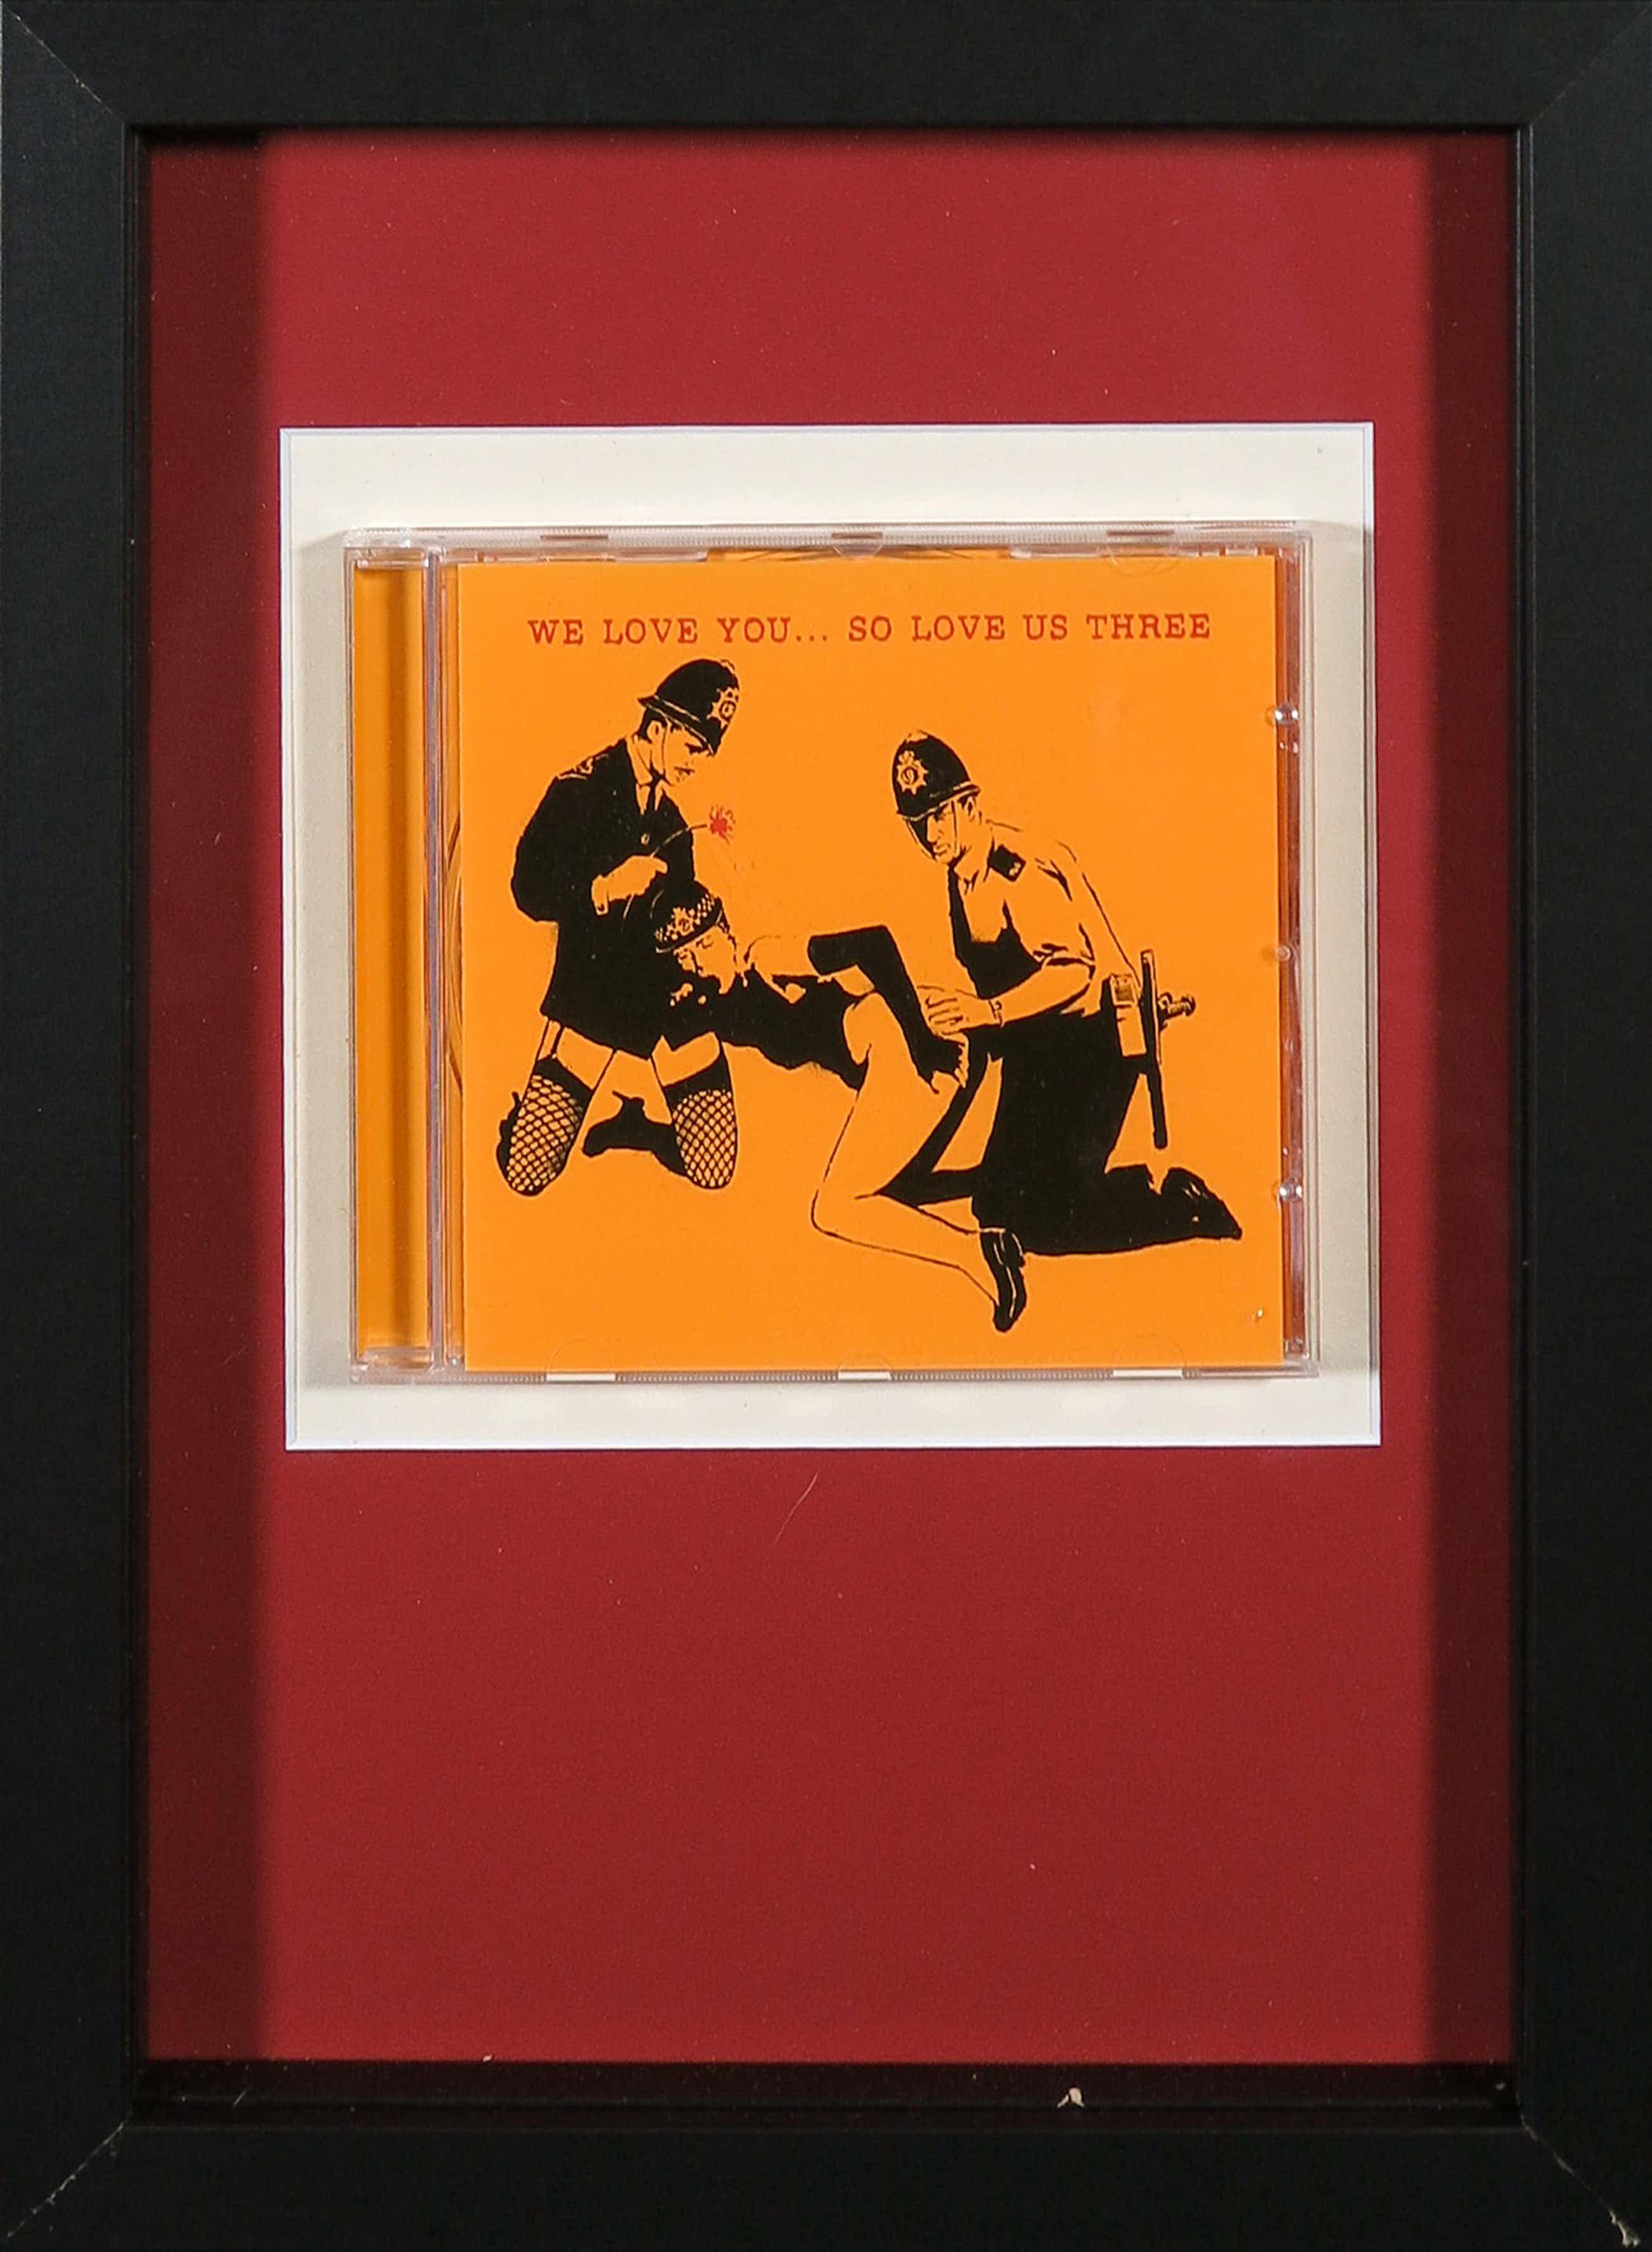 Banksy - We love you... so love us three (CD) kopen? Bied vanaf 60!